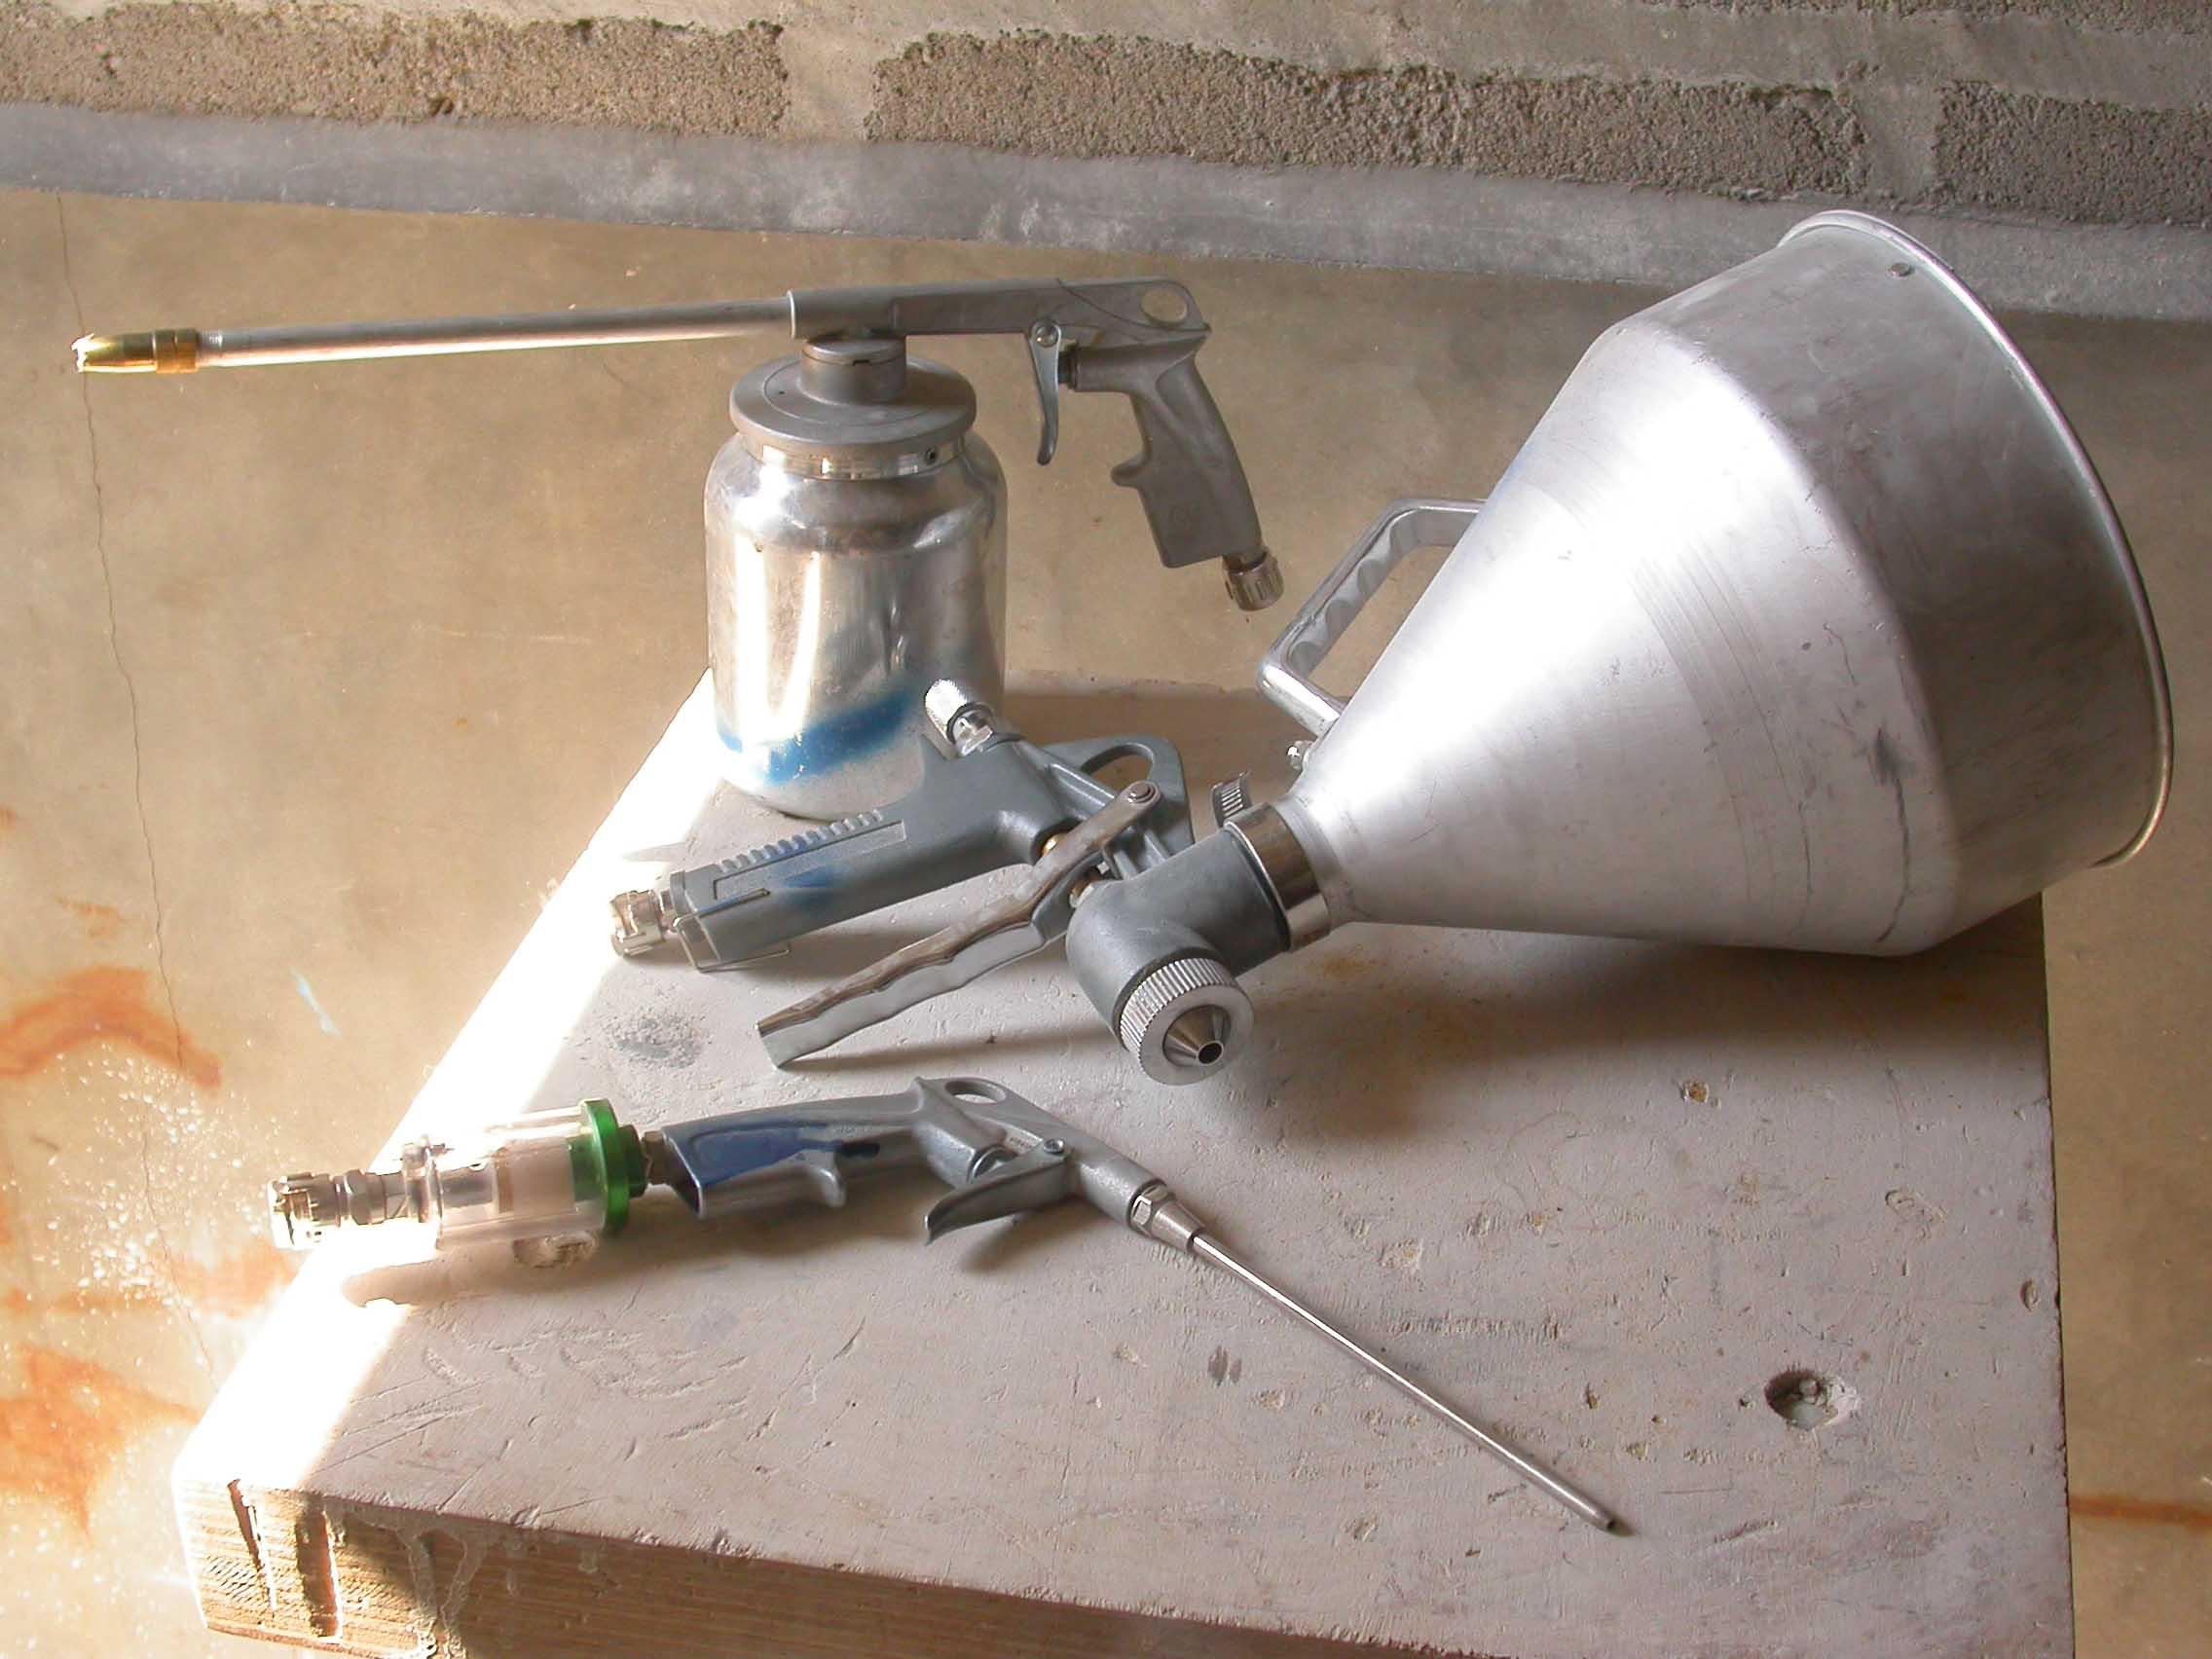 matériel pour souffler, vaporiser projeter la pulpe de papier